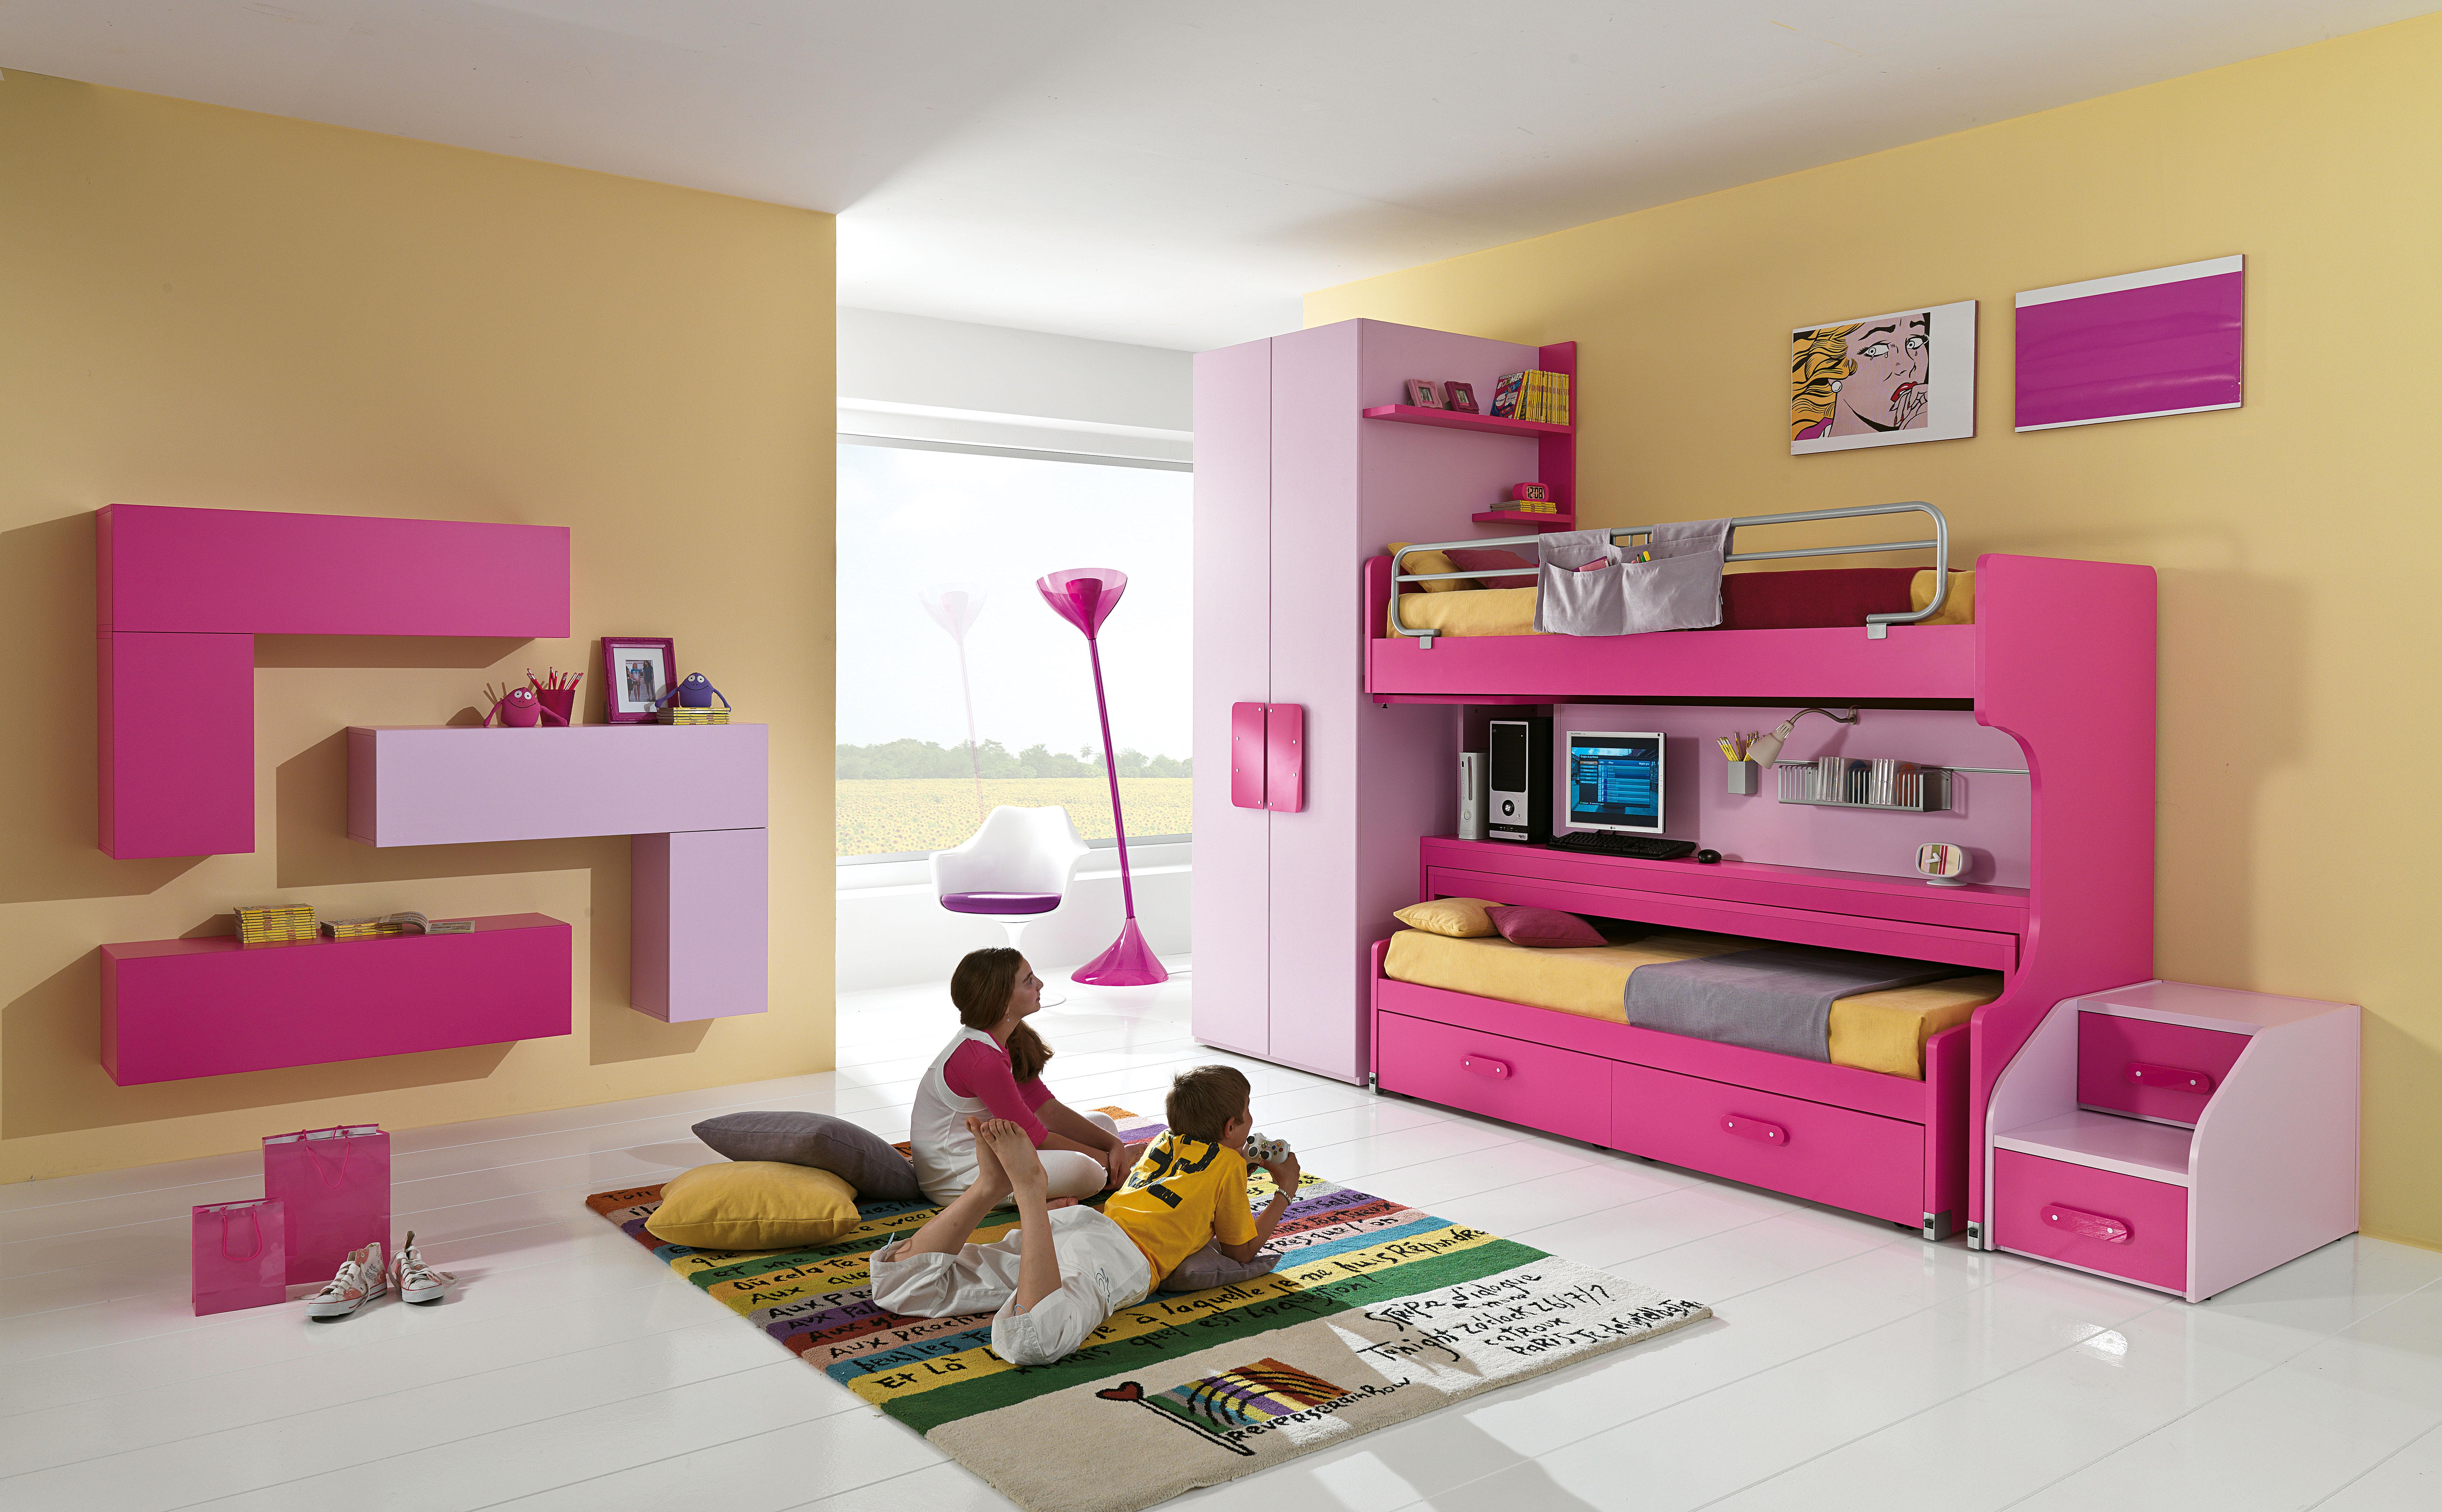 Idee Pittura Cameretta Bambina 4 idee per dipingere la cameretta dei bambini